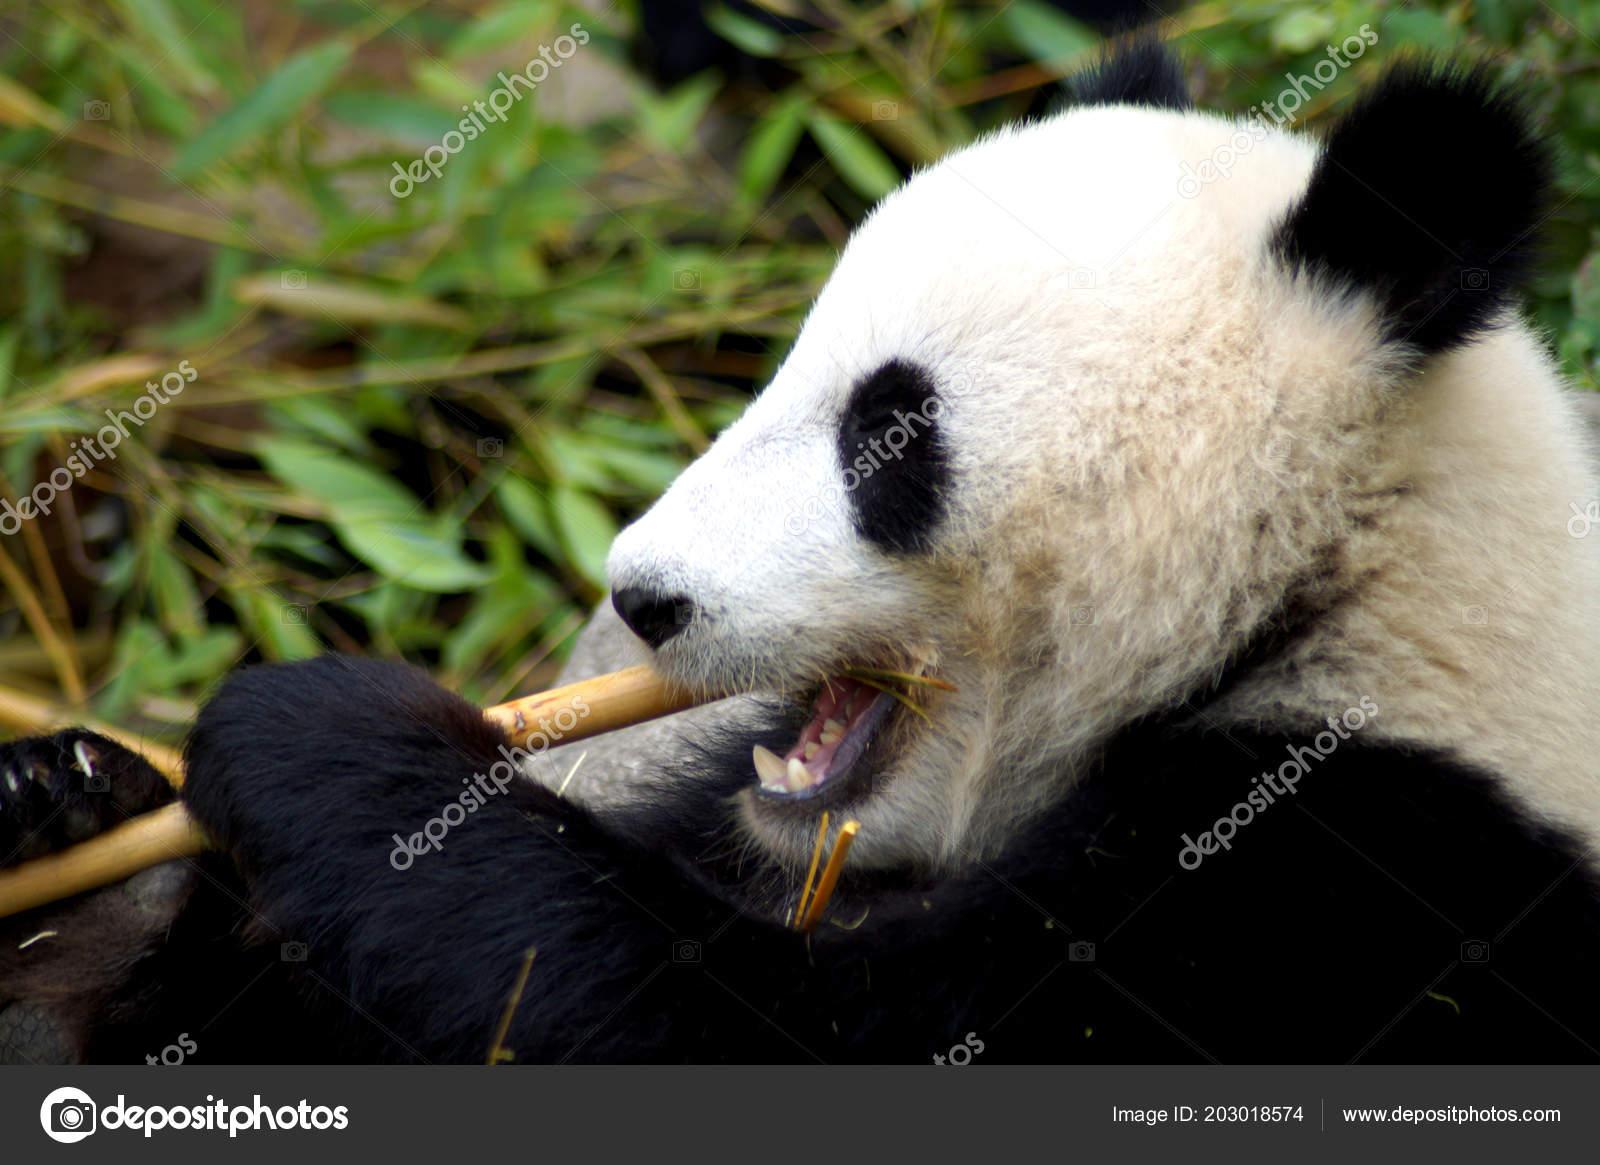 Groer Pandabr Beim Bambus Essen Stock Photo C Spiderwoman81 203018574